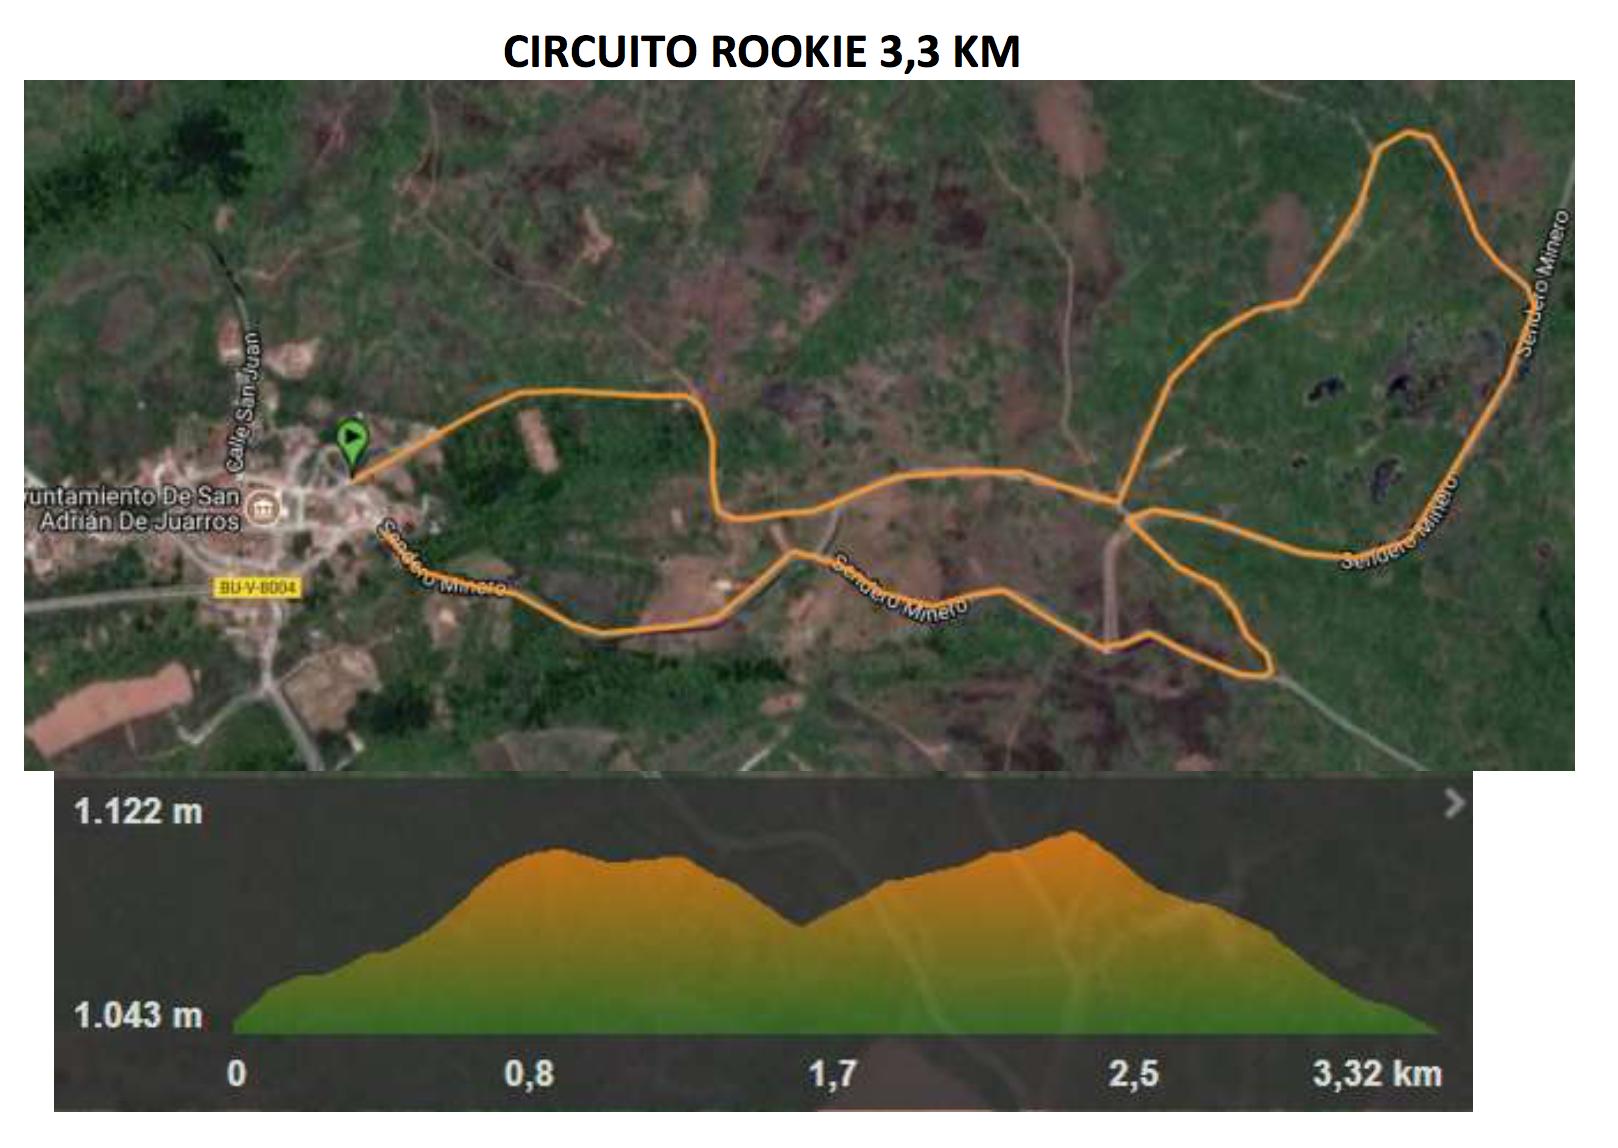 Circuito Rookie 3,3km